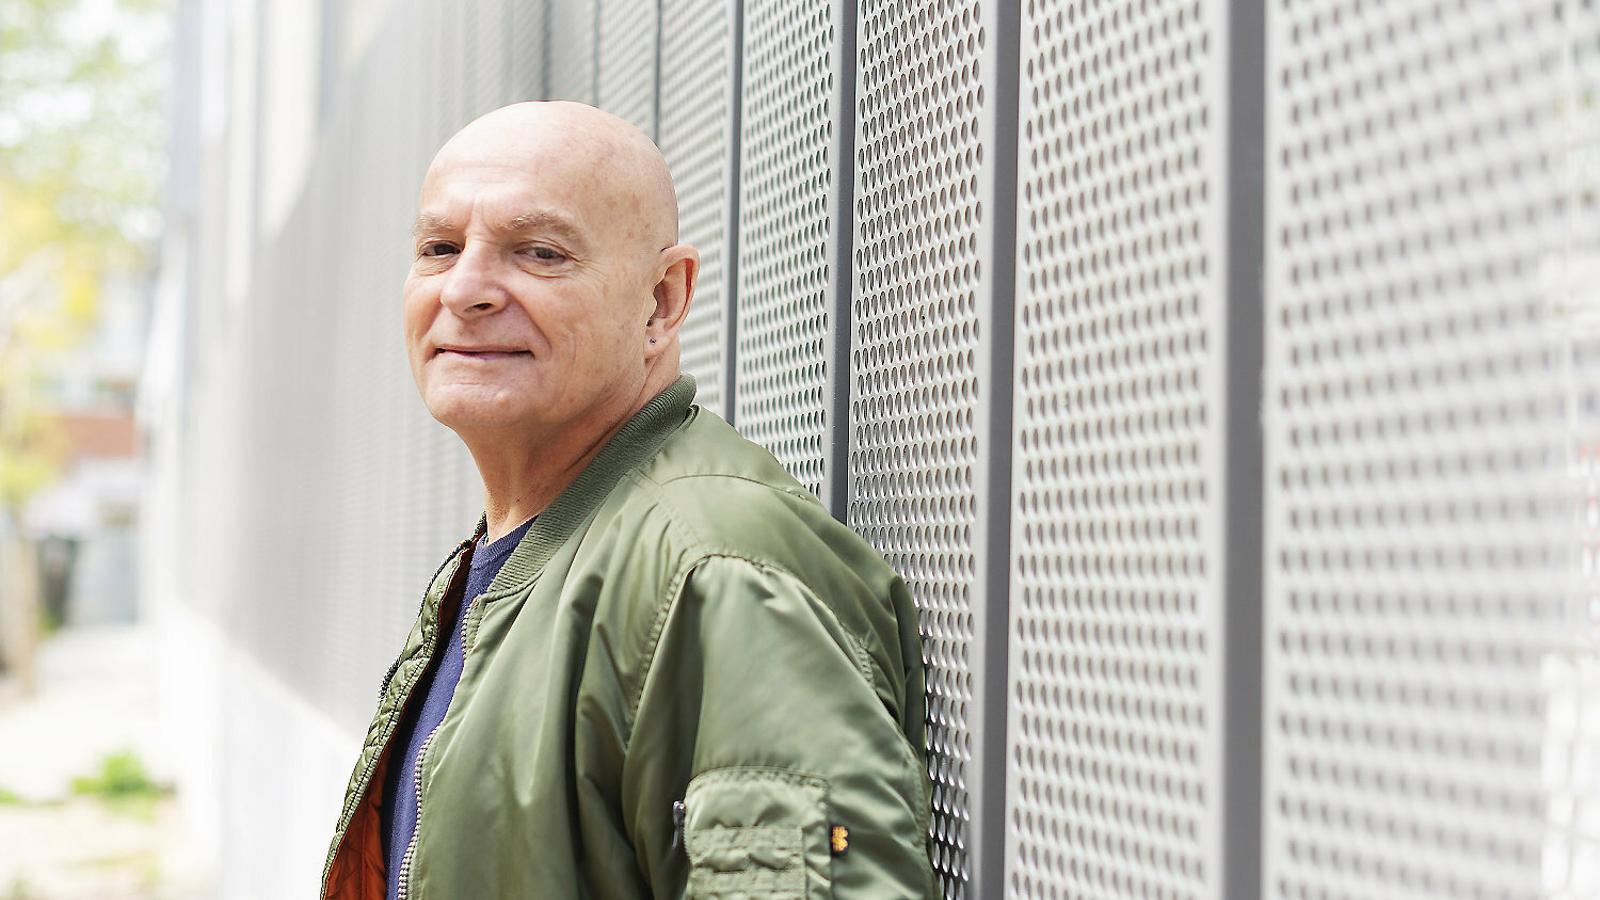 Llibert Ferri, periodista i escriptor. Acaba de publicar el llibre L'ombra dels anys (Angle Editorial).